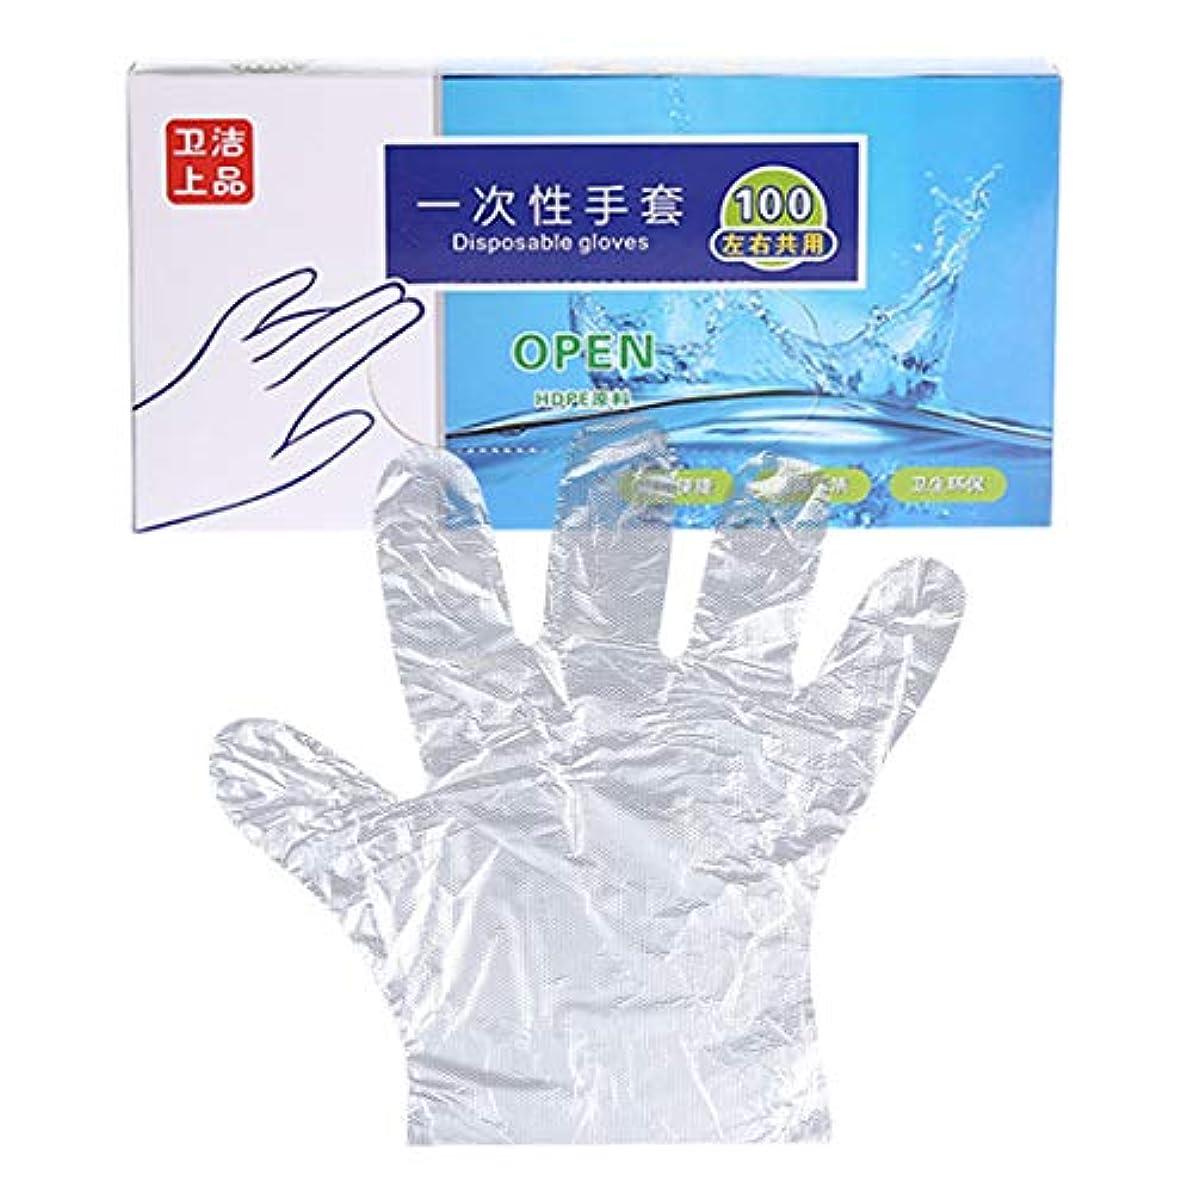 鋼使い込む発音Pinji 使い捨て手袋 100本入 透明 フリーサイズ グローブ ポリエチレン手袋 左右兼用 ポリエチレン PE 実用 衛生 調理 清掃 染髪